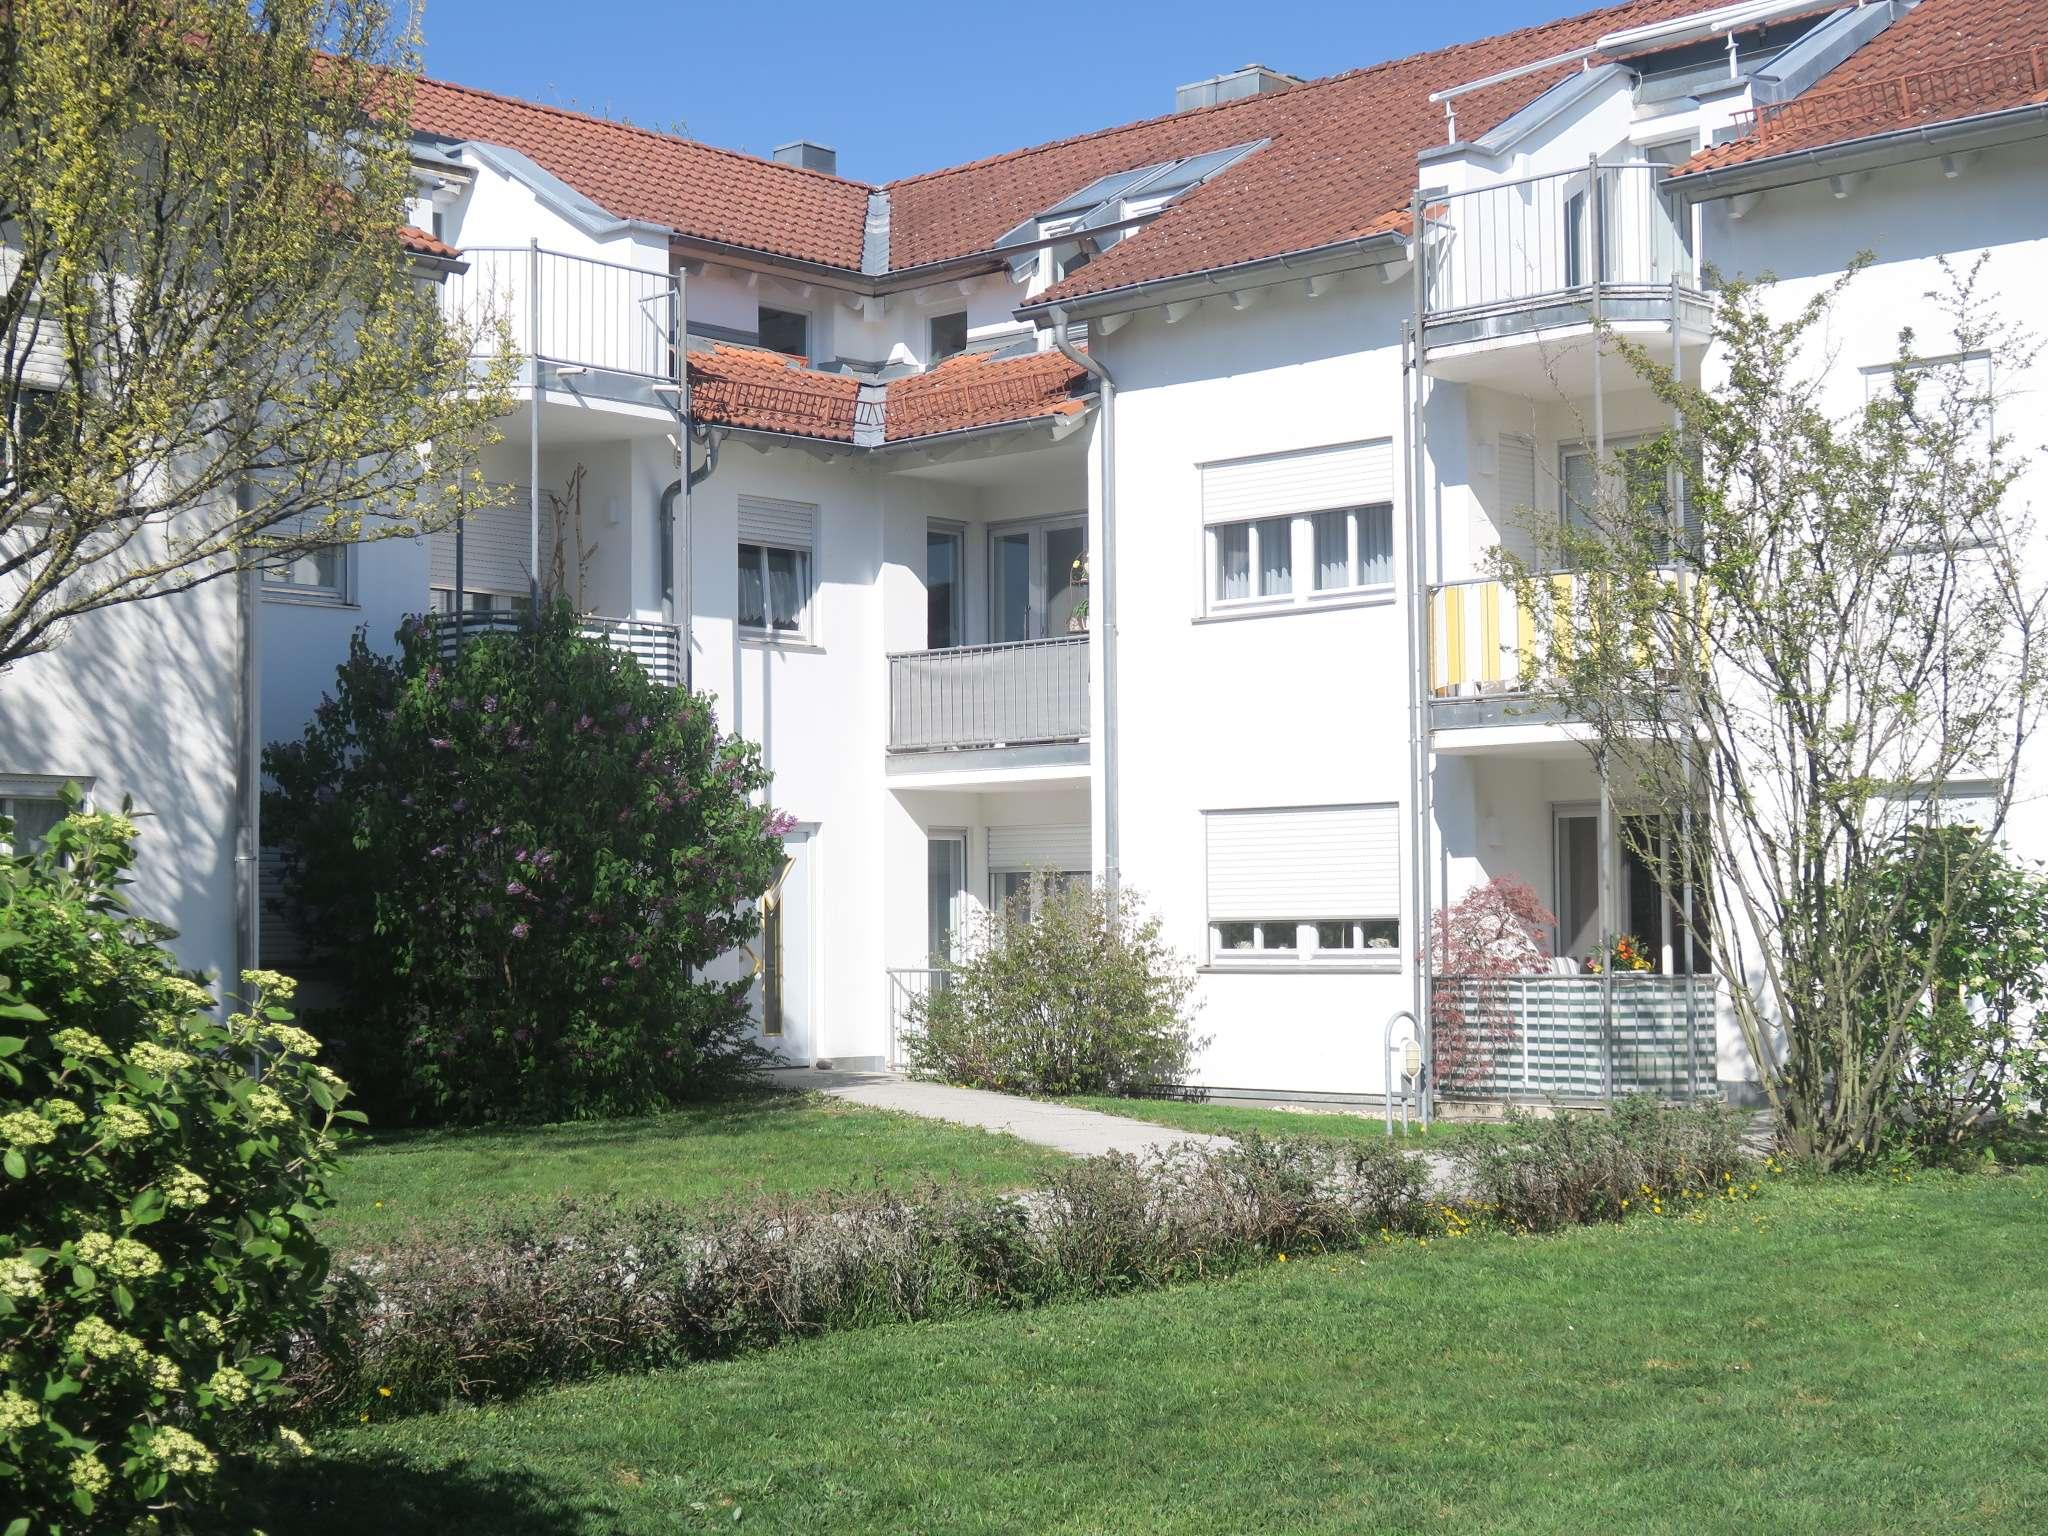 3-Zimmer-Wohnung in ruhiger Lage Nh. Rörerstraße in Deggendorf